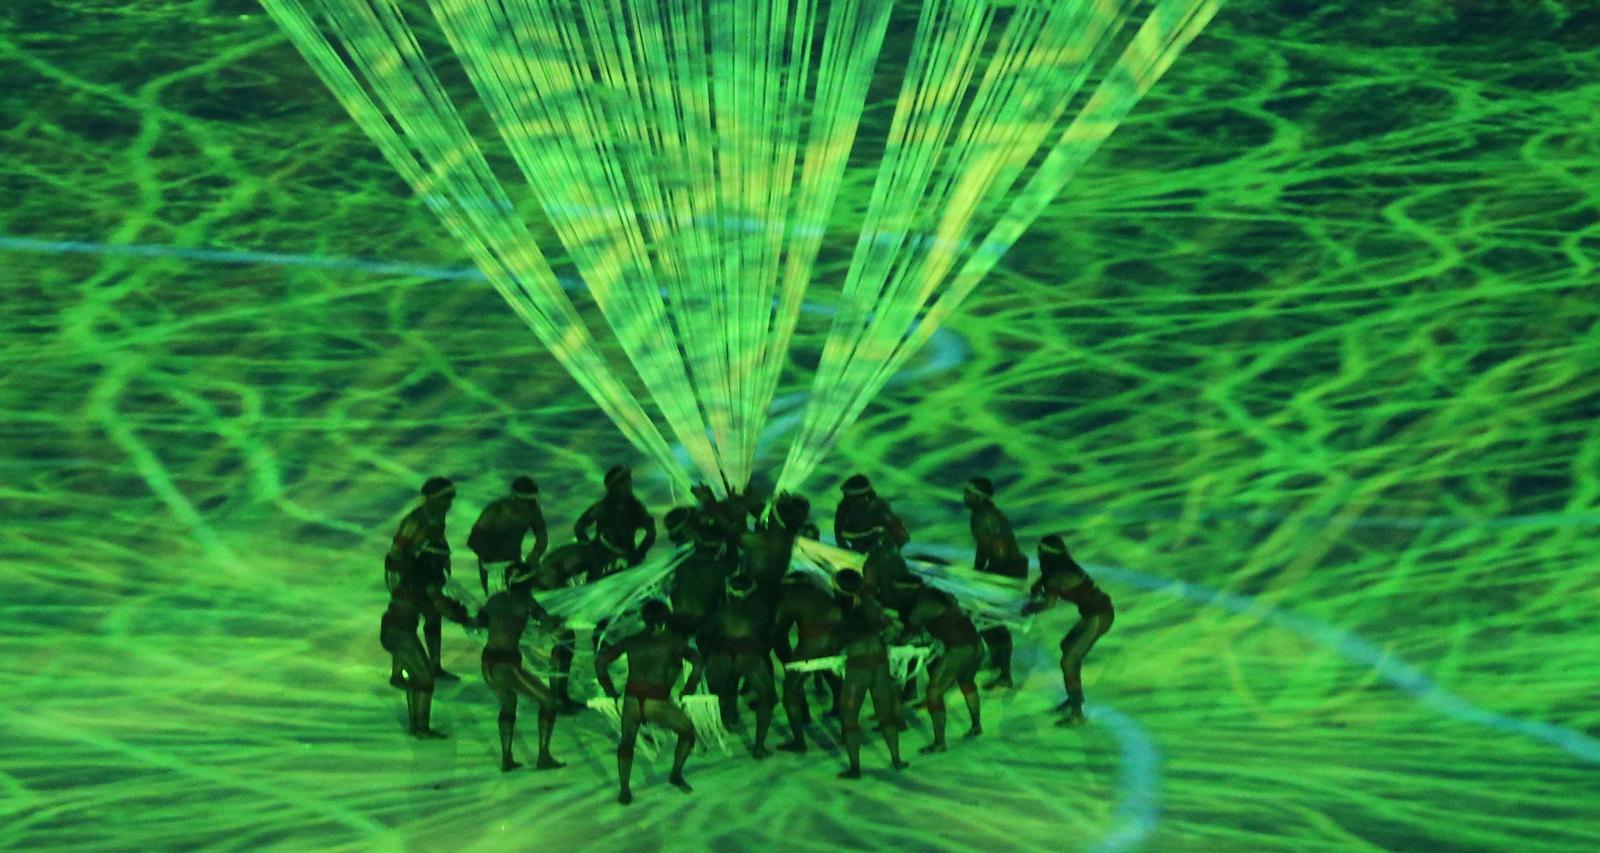 На церемонии открытия показали историю Бразилии до открытия южноамериканских берегов европейцами